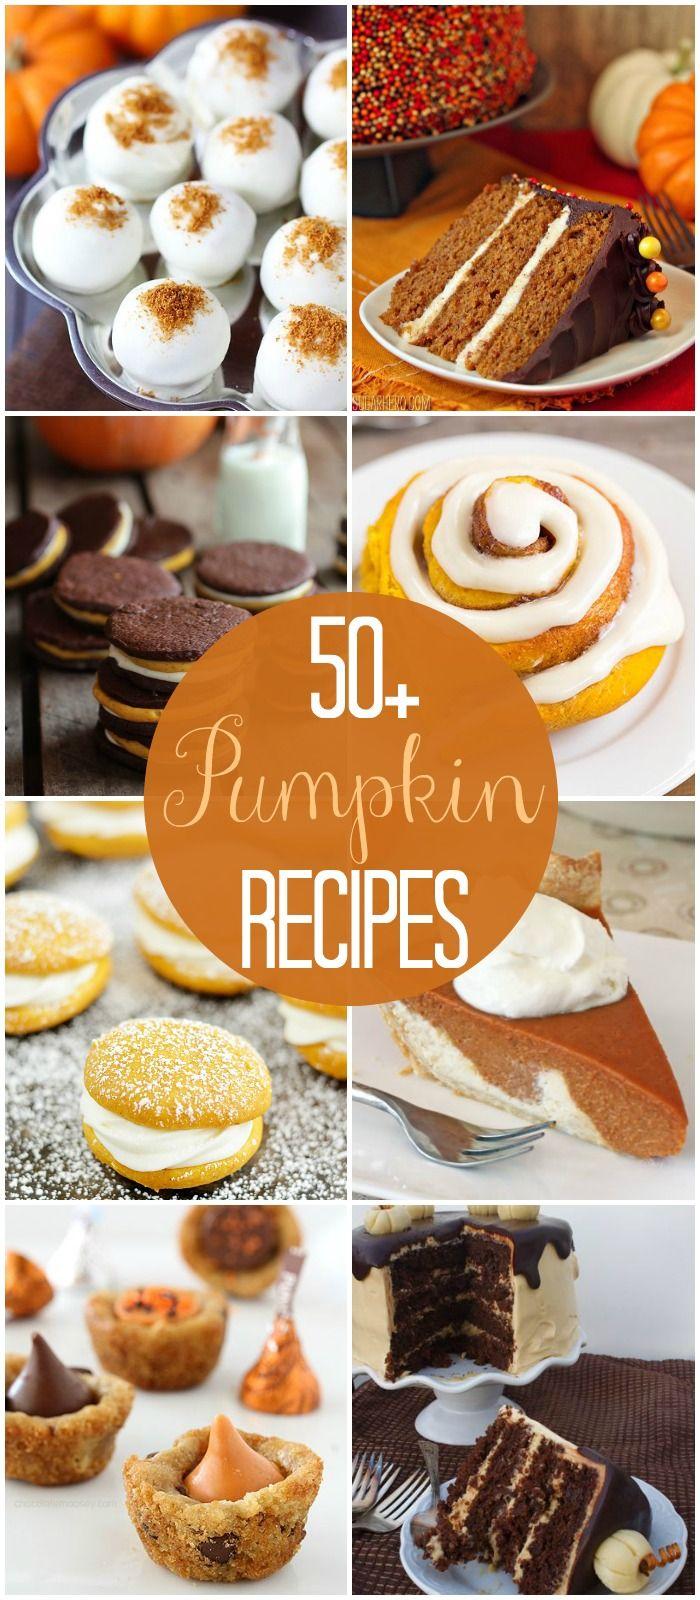 50+ Pumpkin Recipes - a MUST SEE roundup of the best pumpkin recipes!! { lilluna.com }